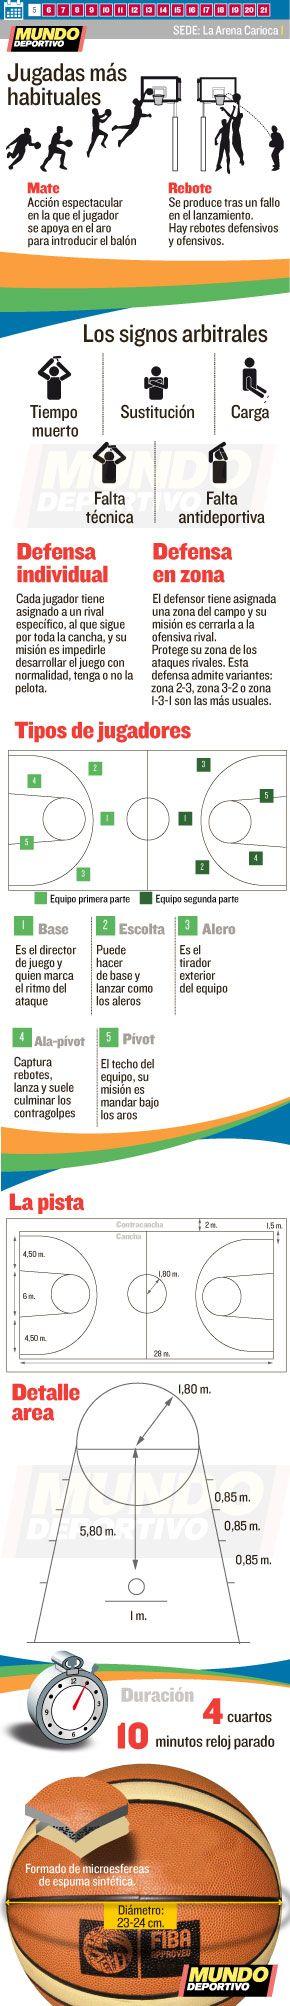 El Baloncesto en las Olimpíadas de Río 2016. Las reglas básicas del baloncesto, el calendario y todos los partidos en mundodeportivo.com